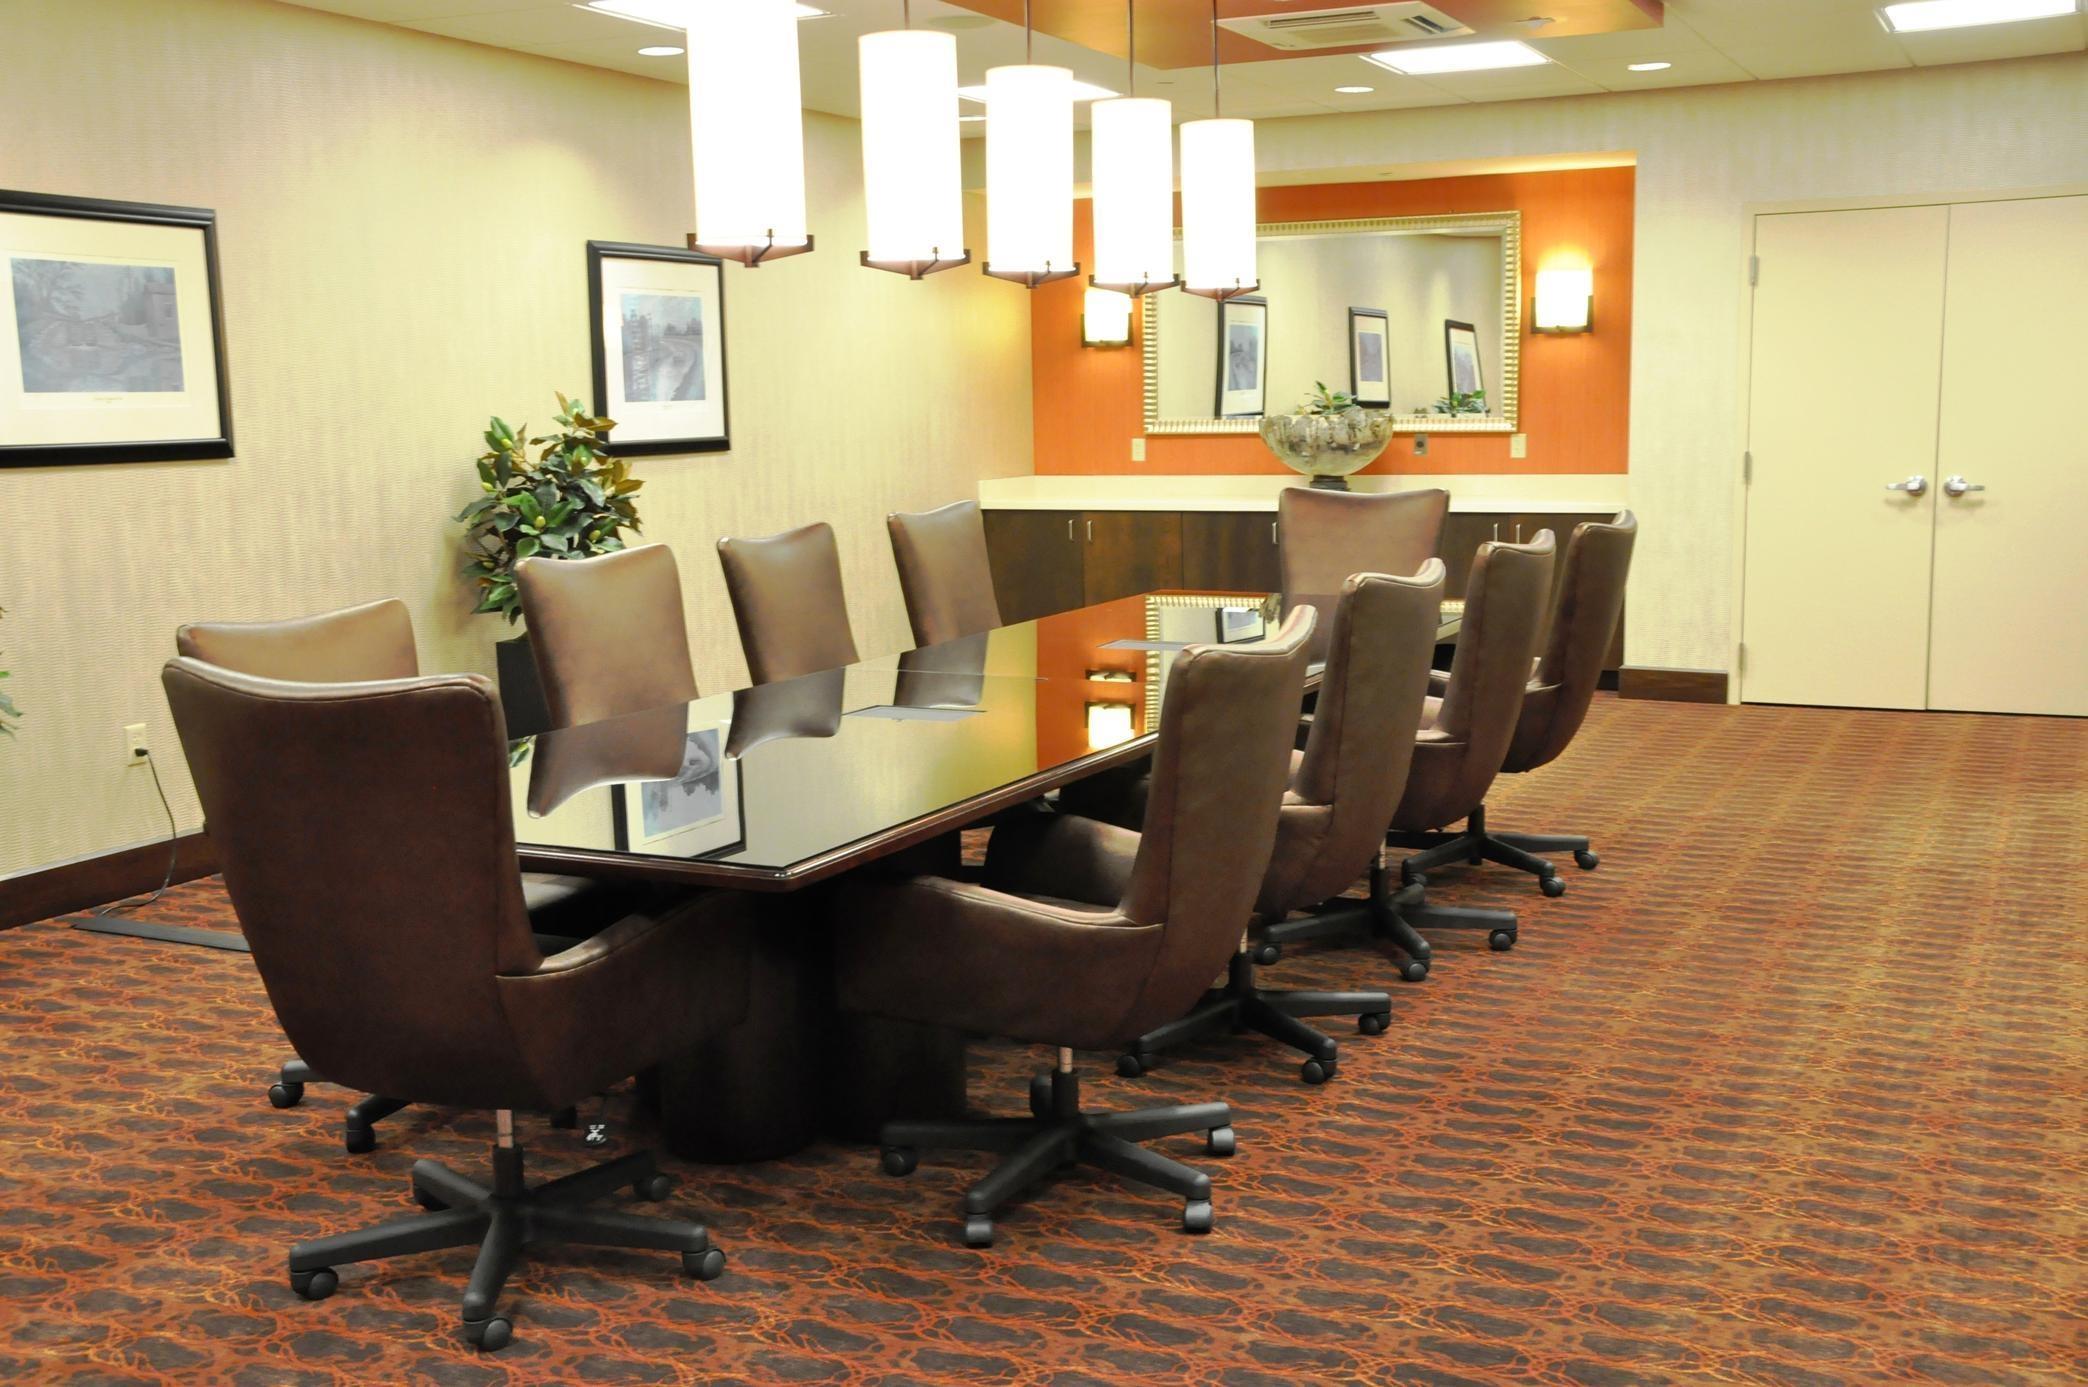 Hampton Inn & Suites Cincinnati/Uptown-University Area image 12